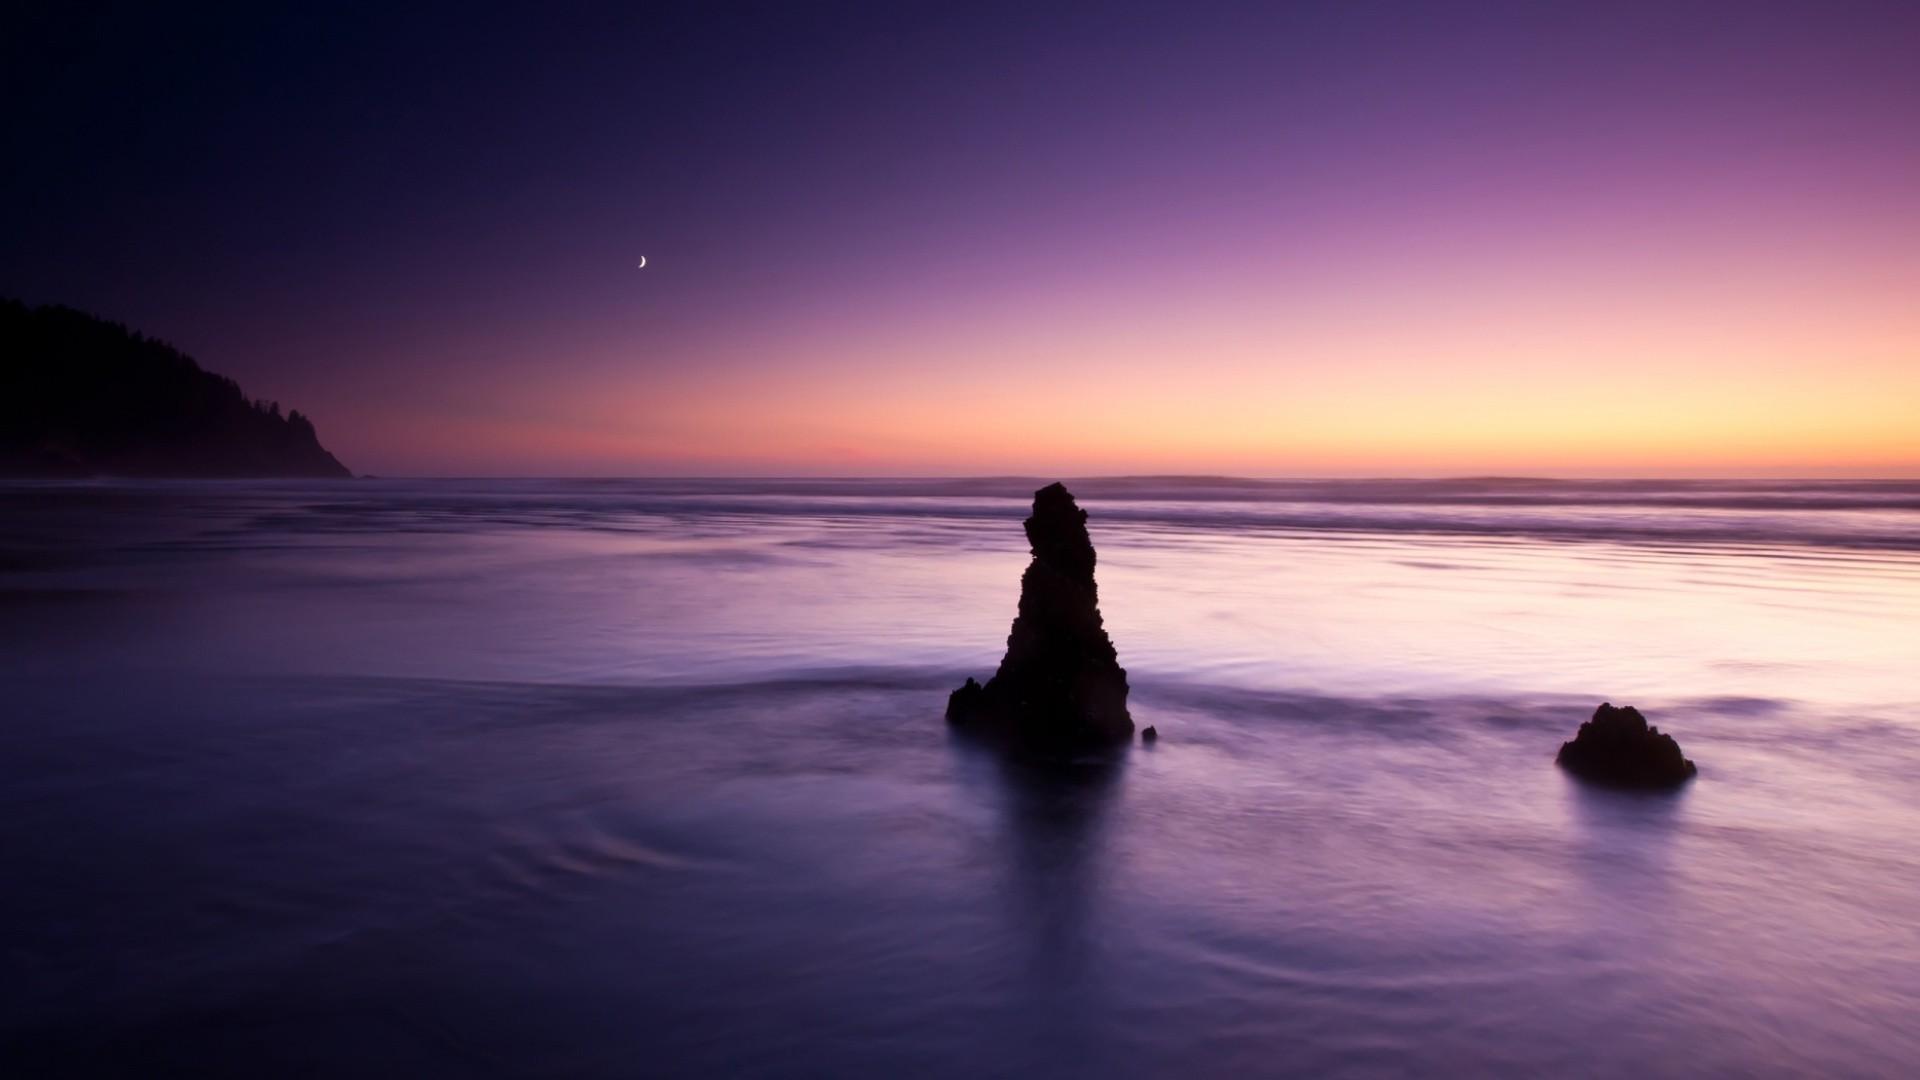 Вечер на море  № 499687 бесплатно